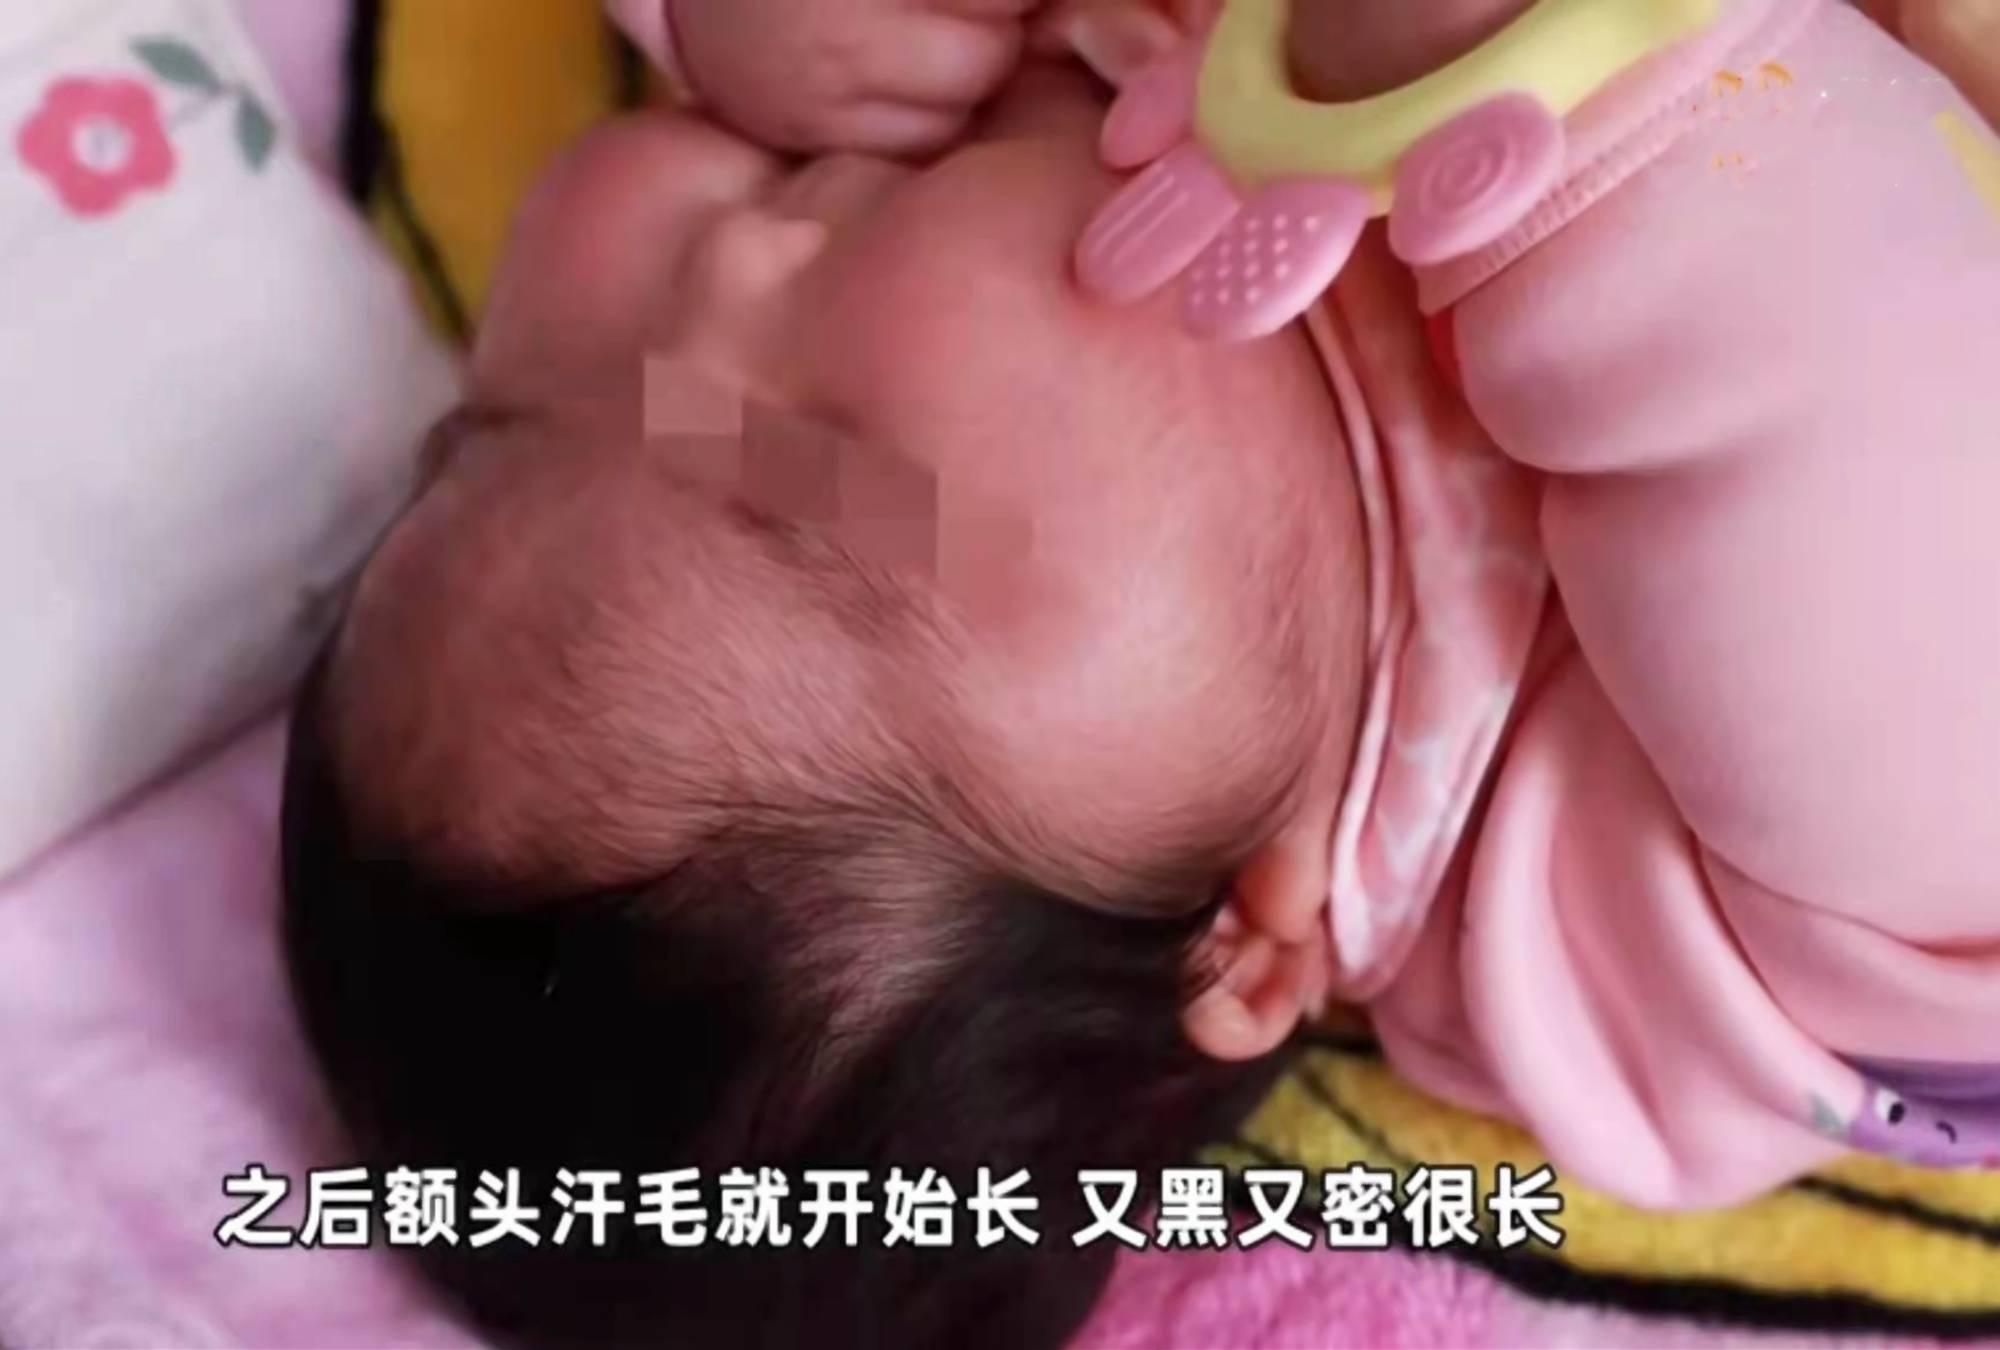 """新生儿两个月变""""大头宝宝"""",背后""""凶手""""竟是婴儿霜"""